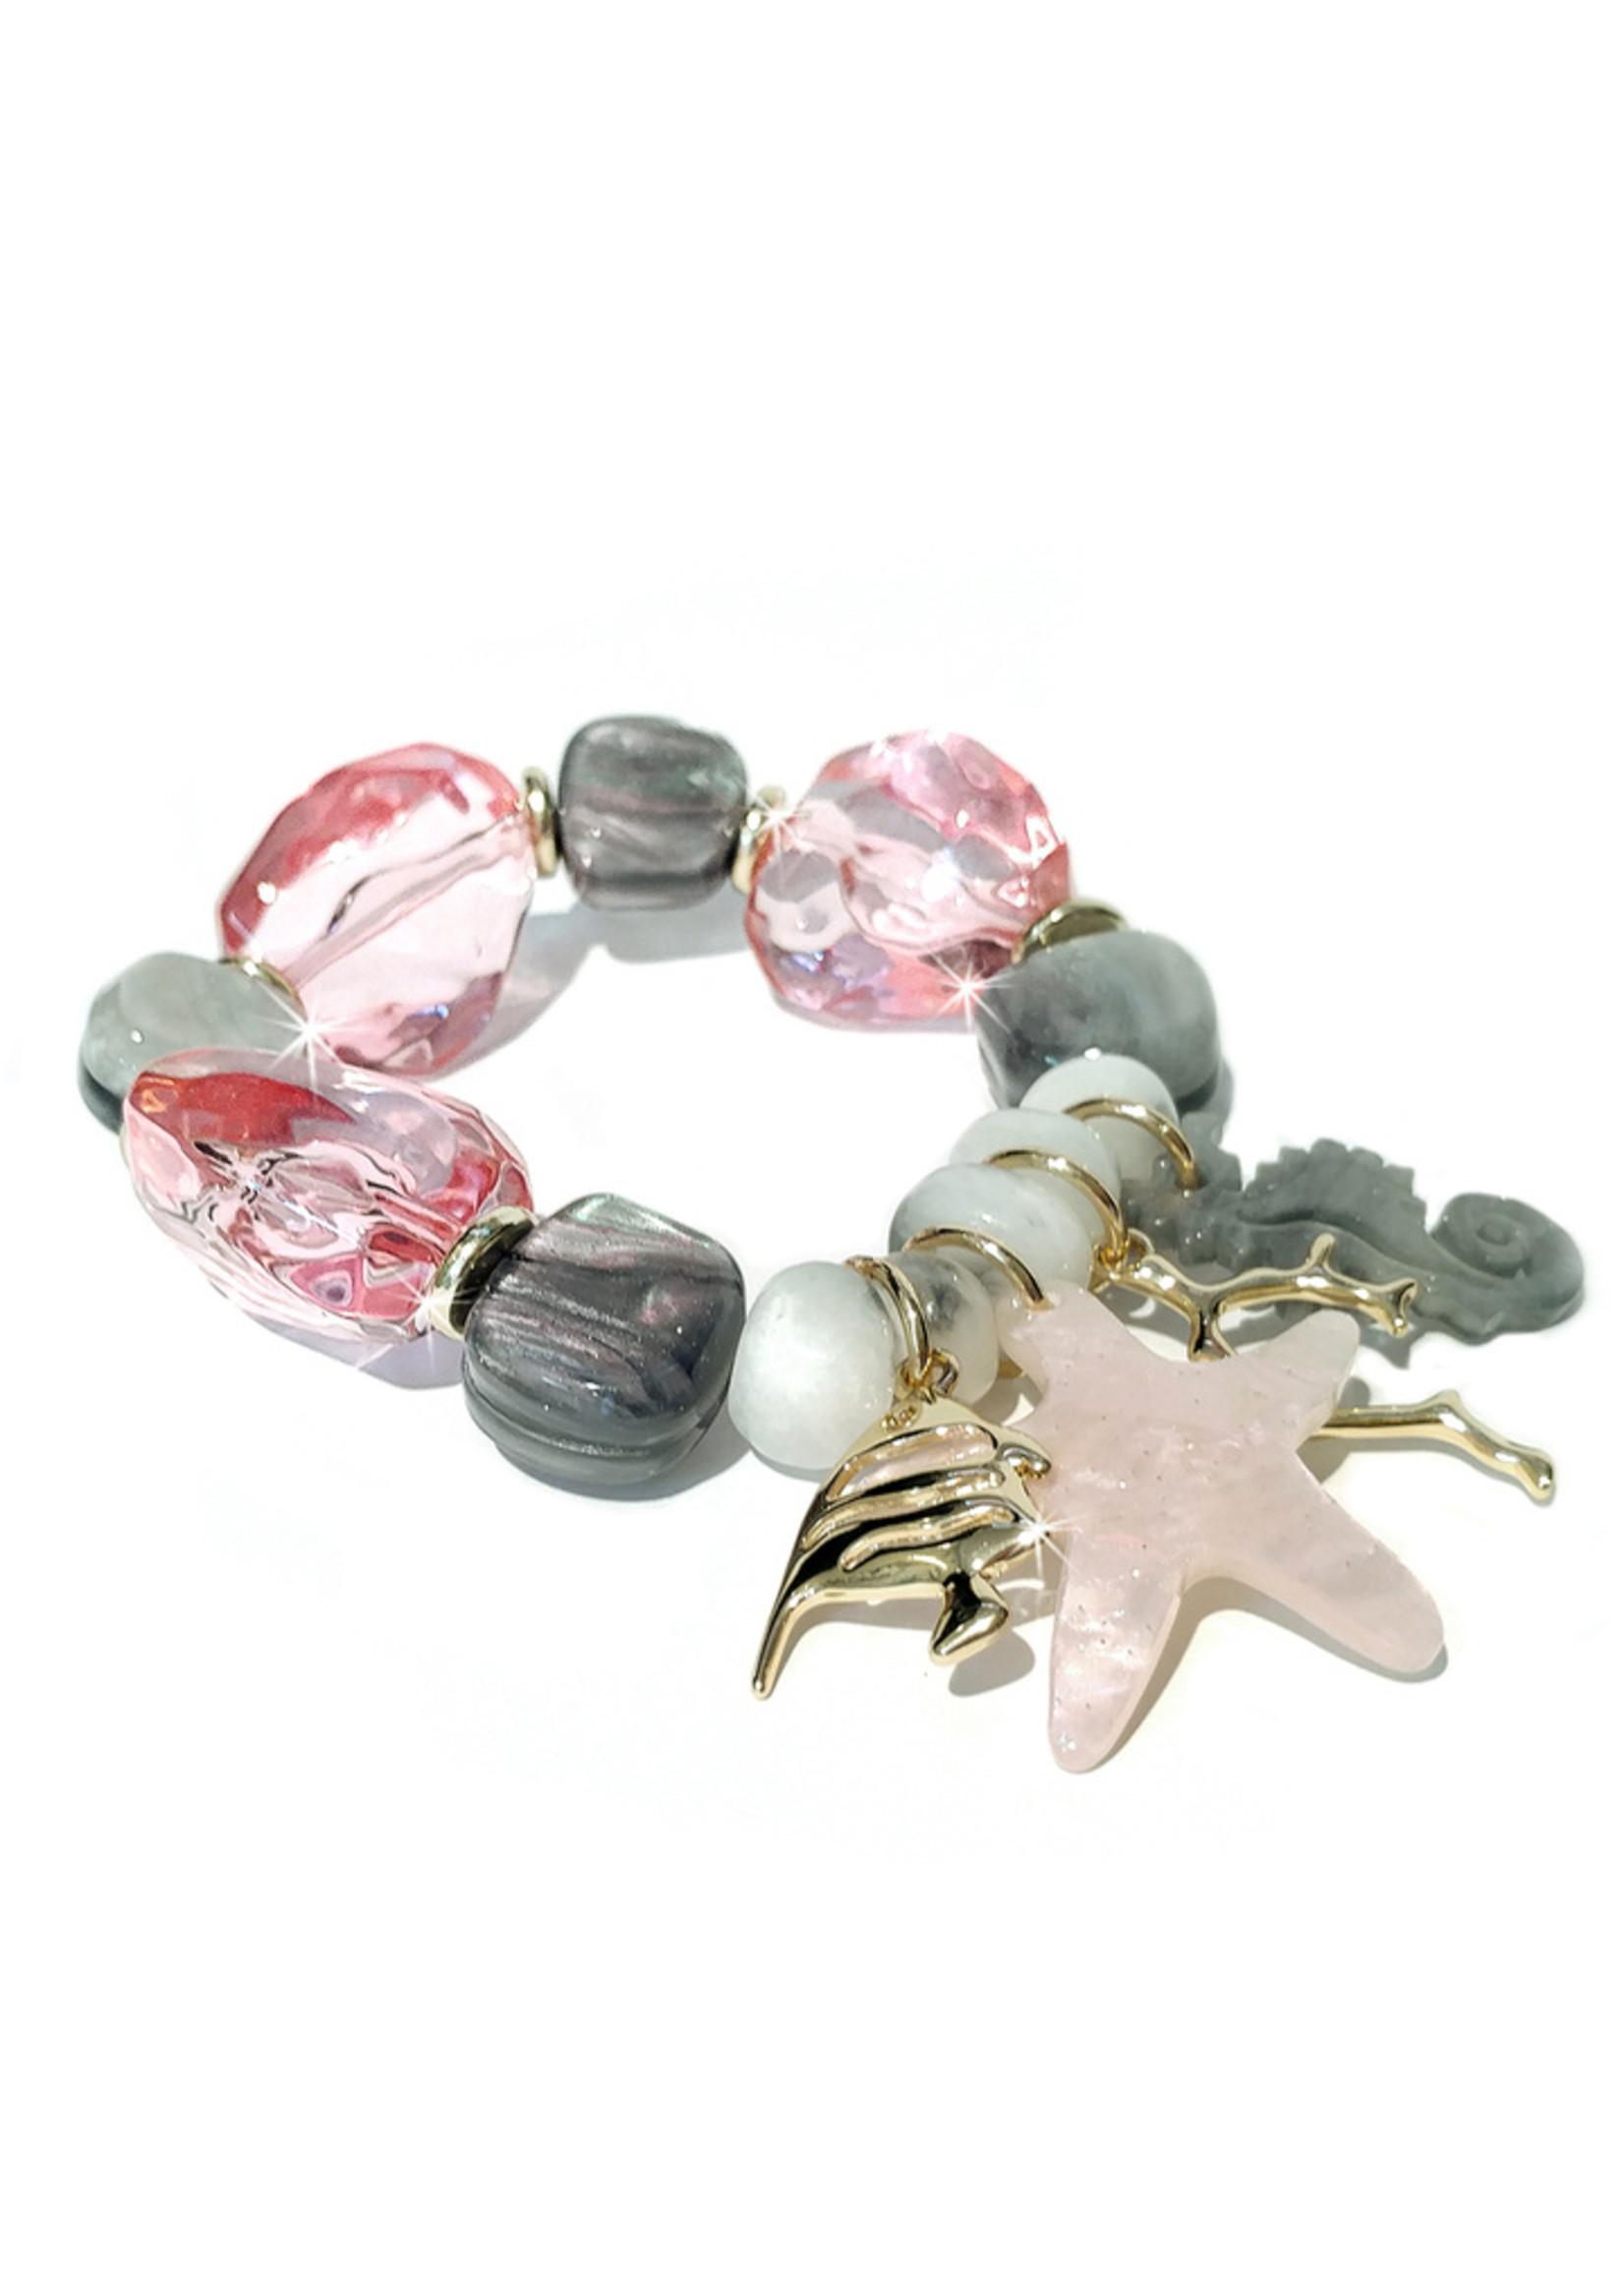 Jacqueline Kent Rock Candy Crystal Pink Grey Bracelet | JK